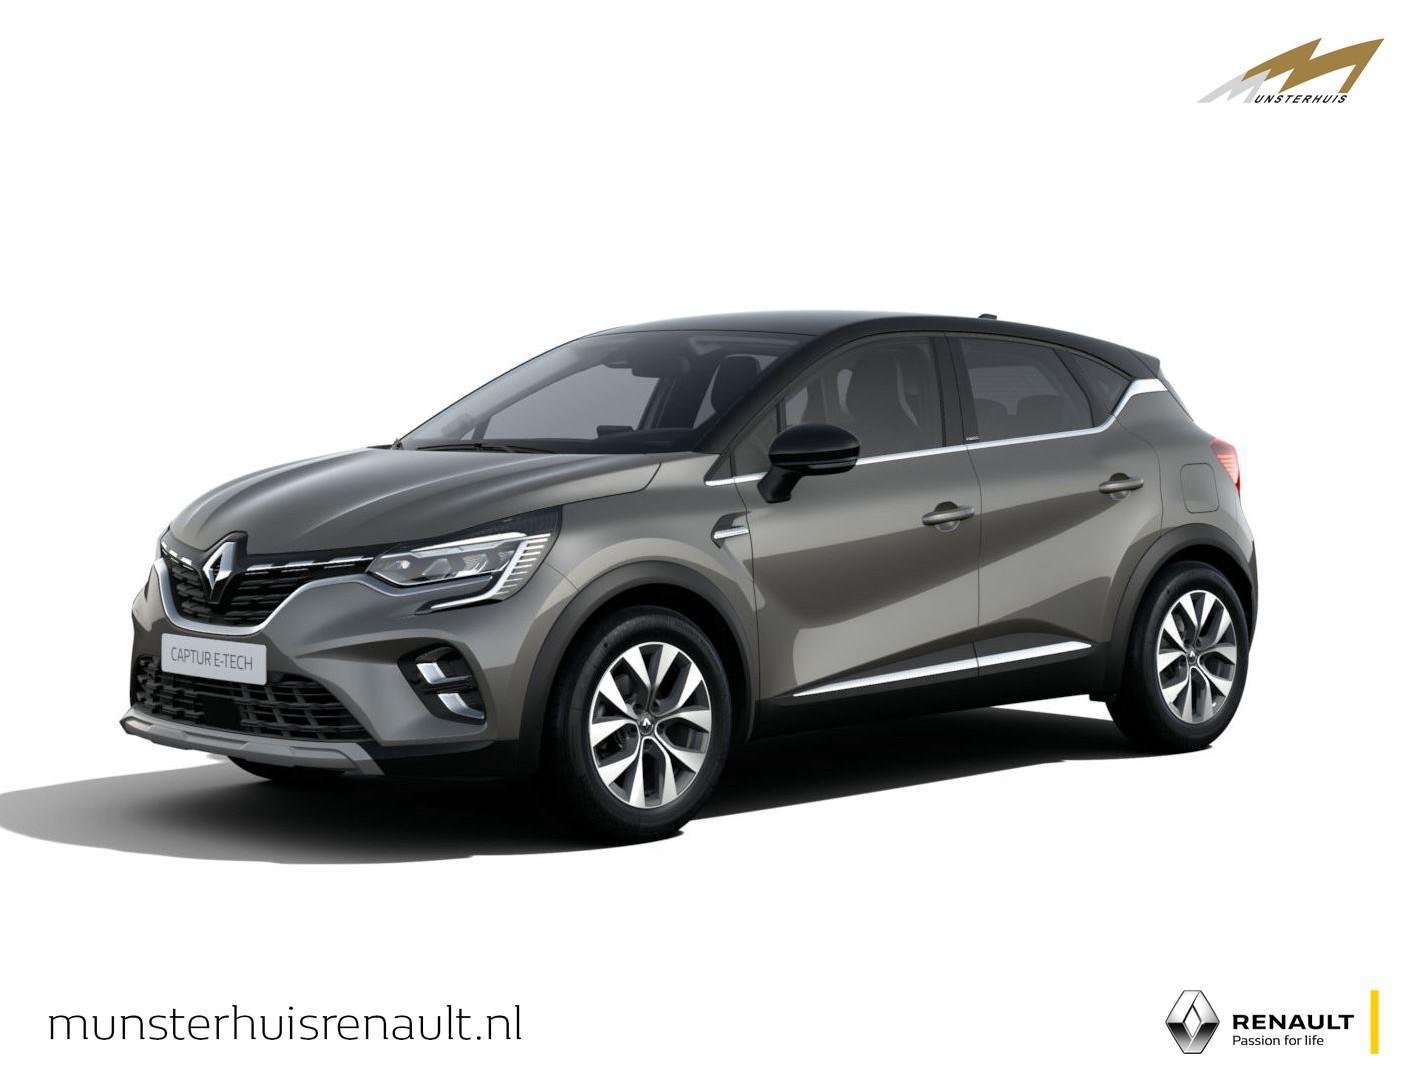 Renault Captur e-tech Plug-in hybrid 160 intens - nieuw - hybride - wordt verwacht